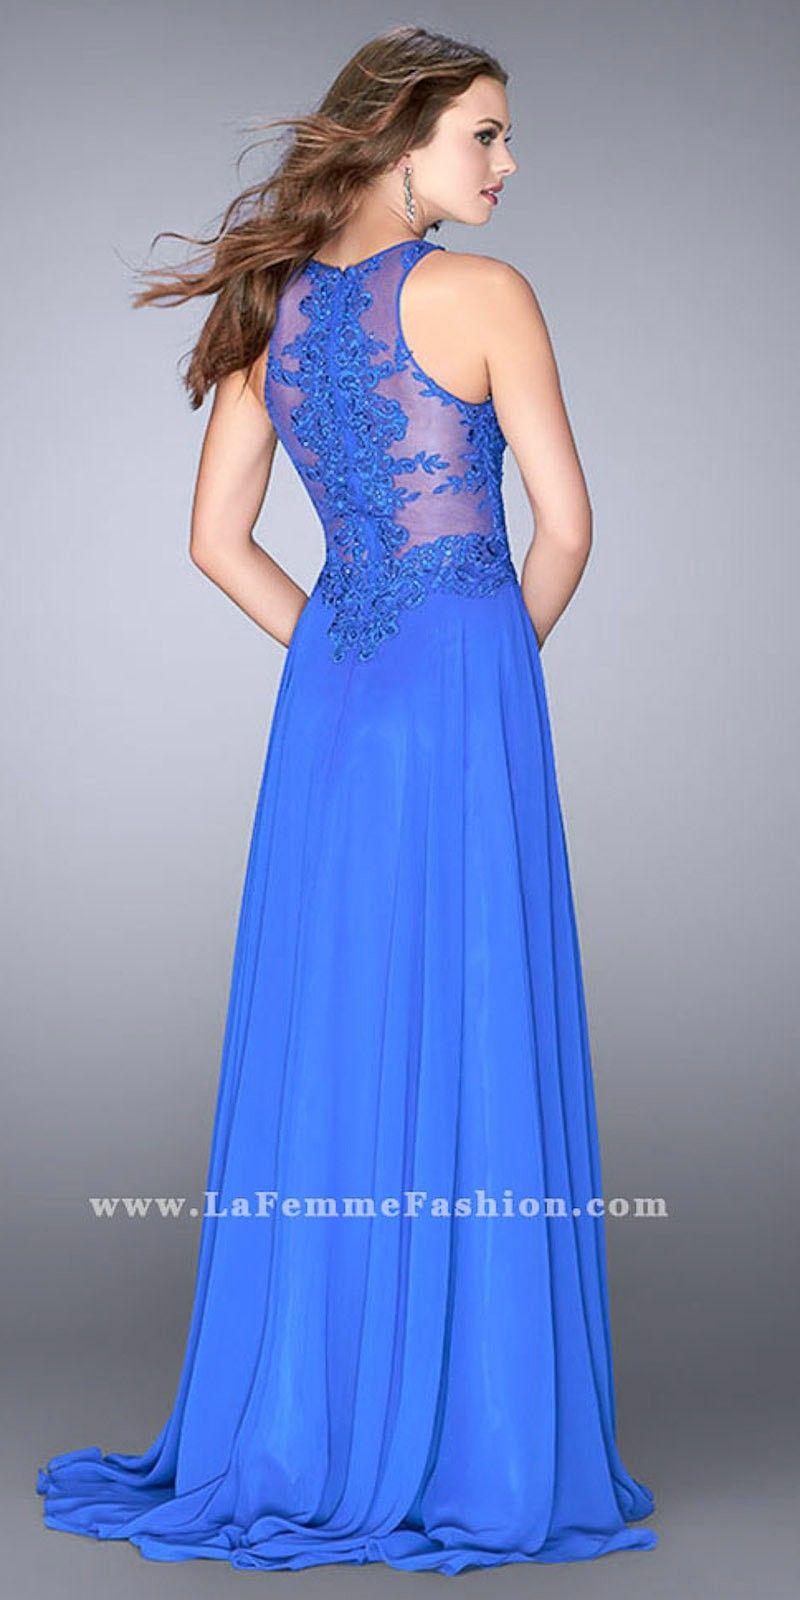 Classic lace chiffon aline evening dress by la femme pasta de